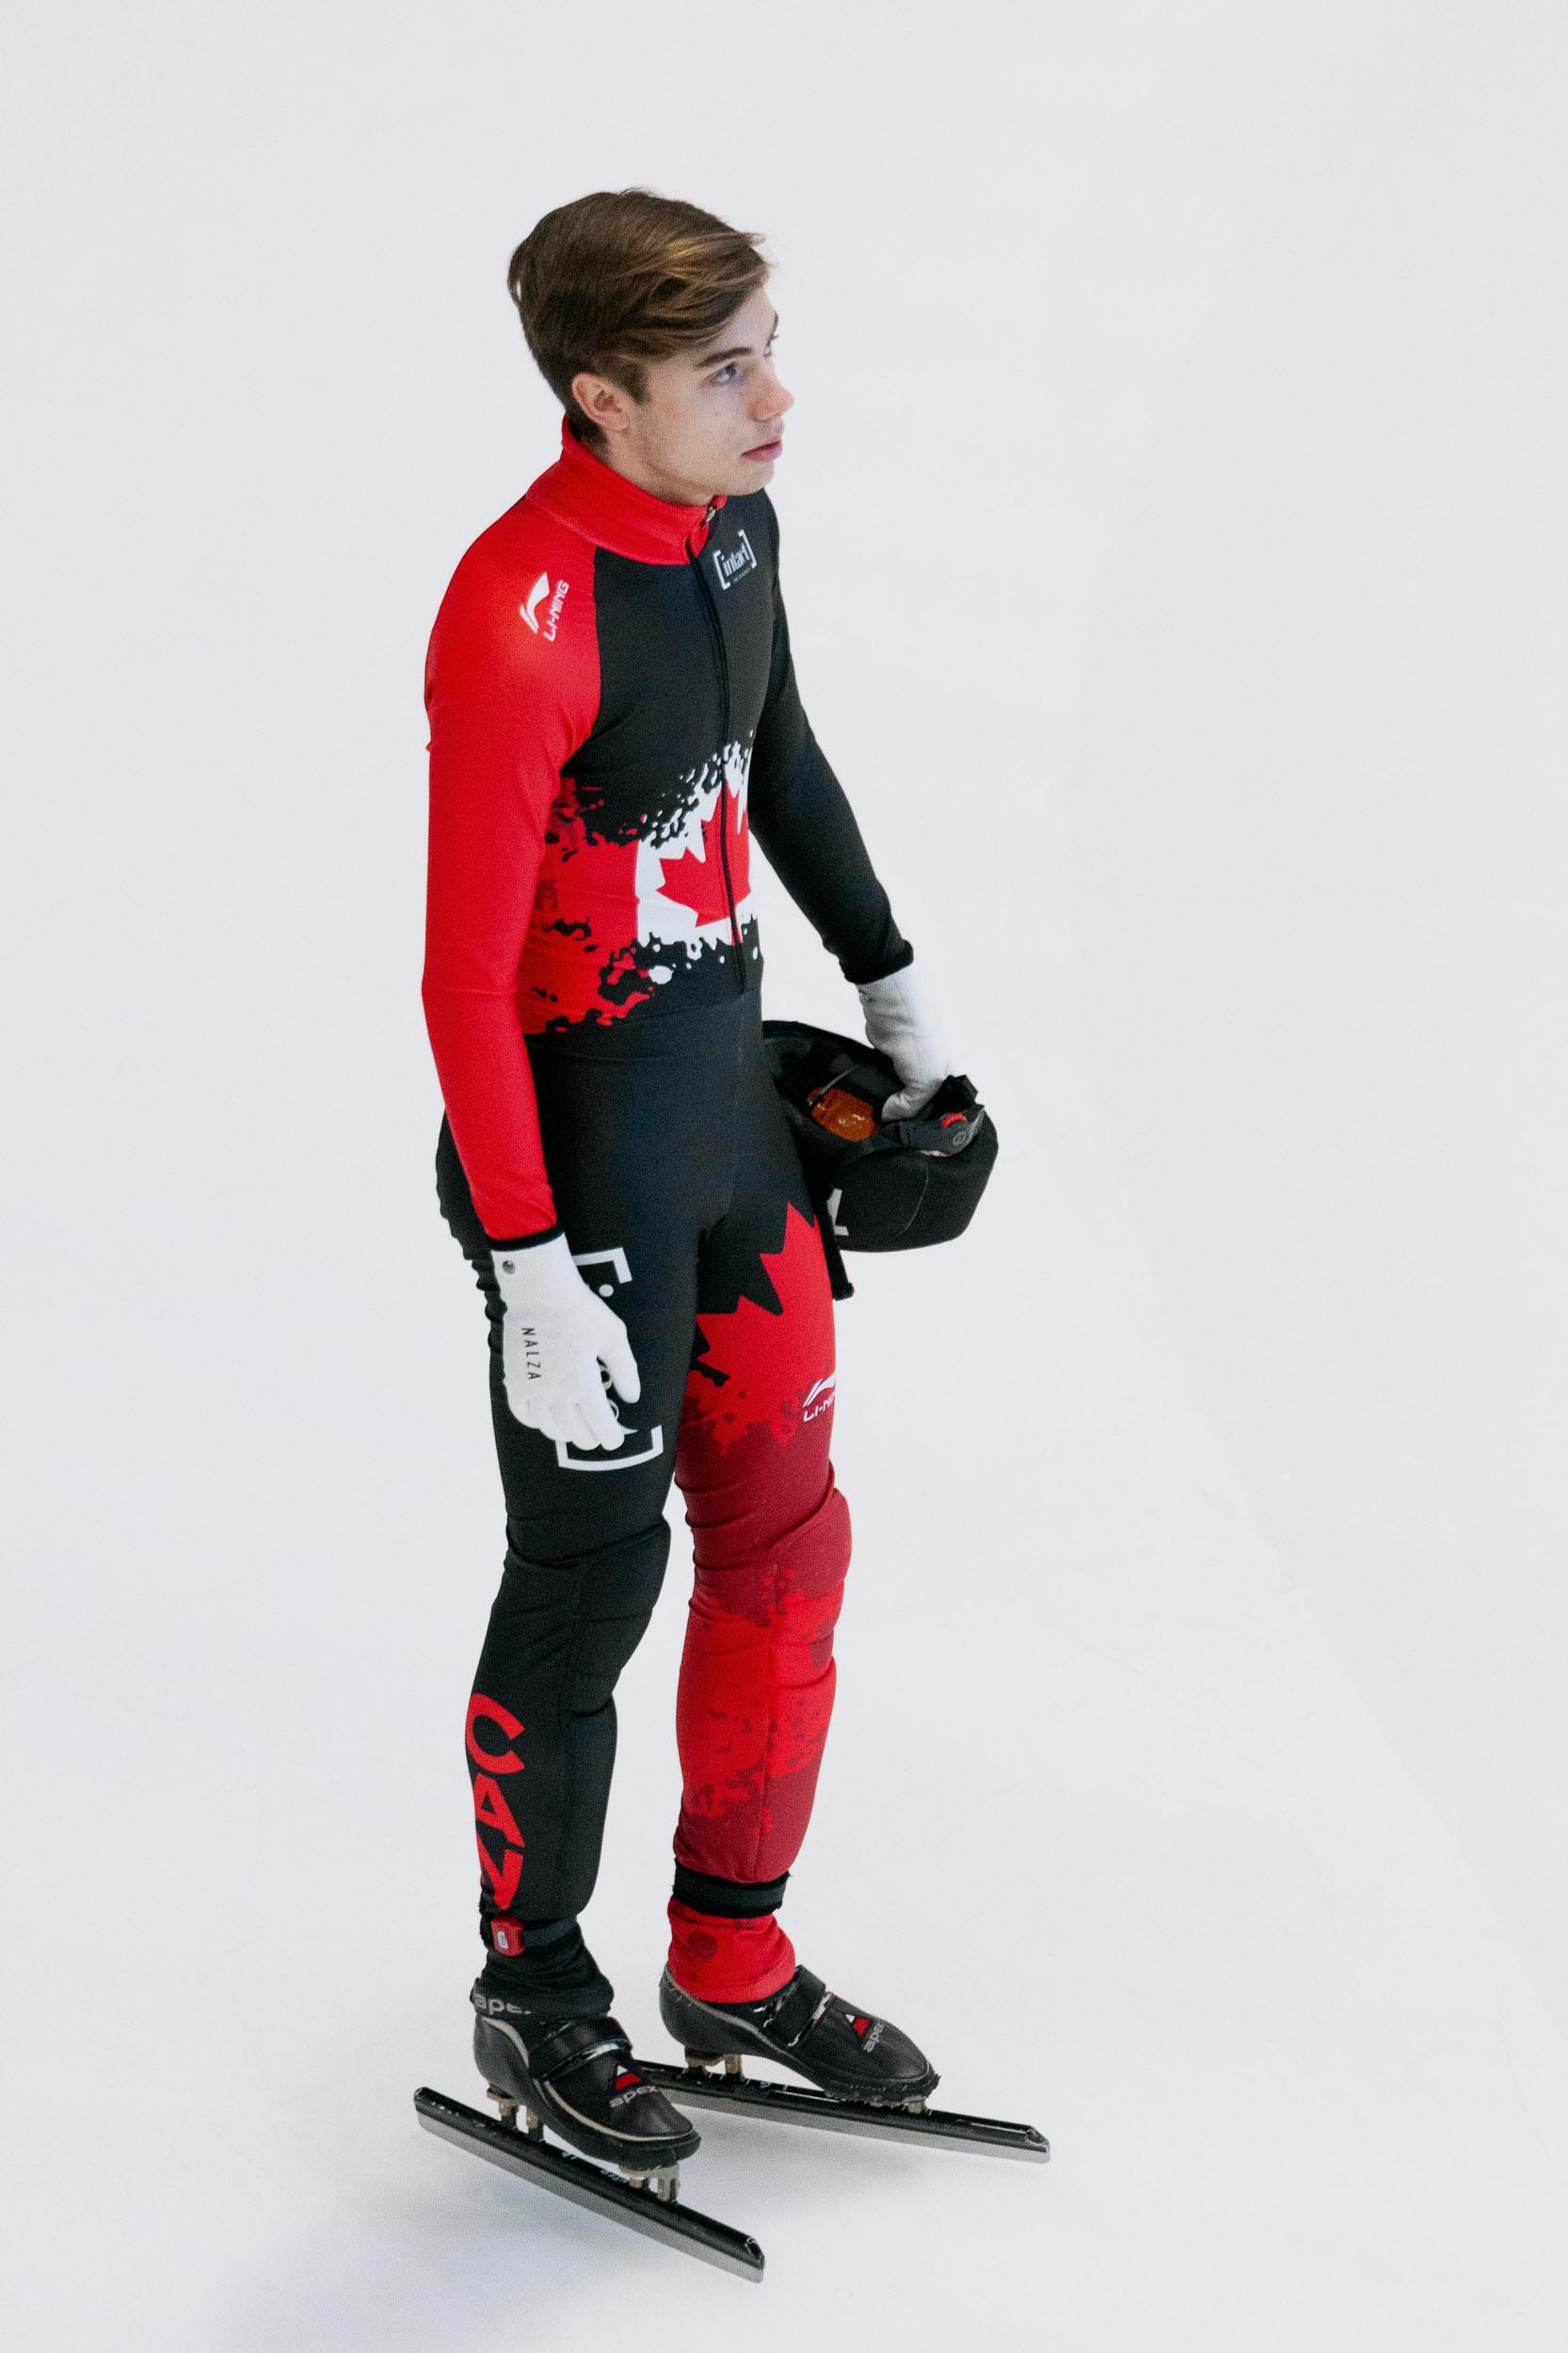 SpeedSkating_Jr19-1.jpg